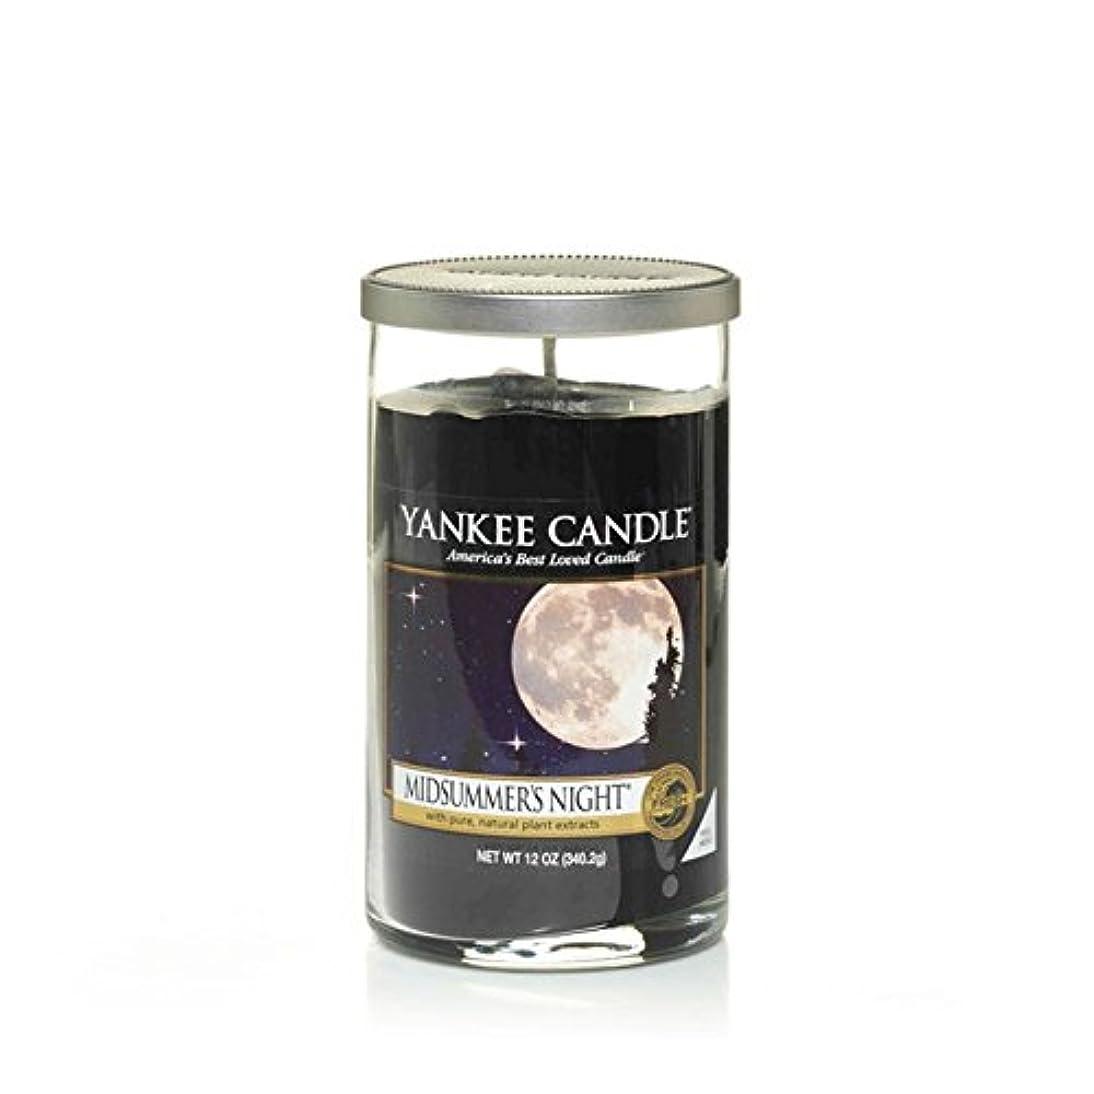 公爵夫人シャーロットブロンテオープニングヤンキーキャンドルメディアピラーキャンドル - Midsummersの夜 - Yankee Candles Medium Pillar Candle - Midsummers Night (Yankee Candles)...